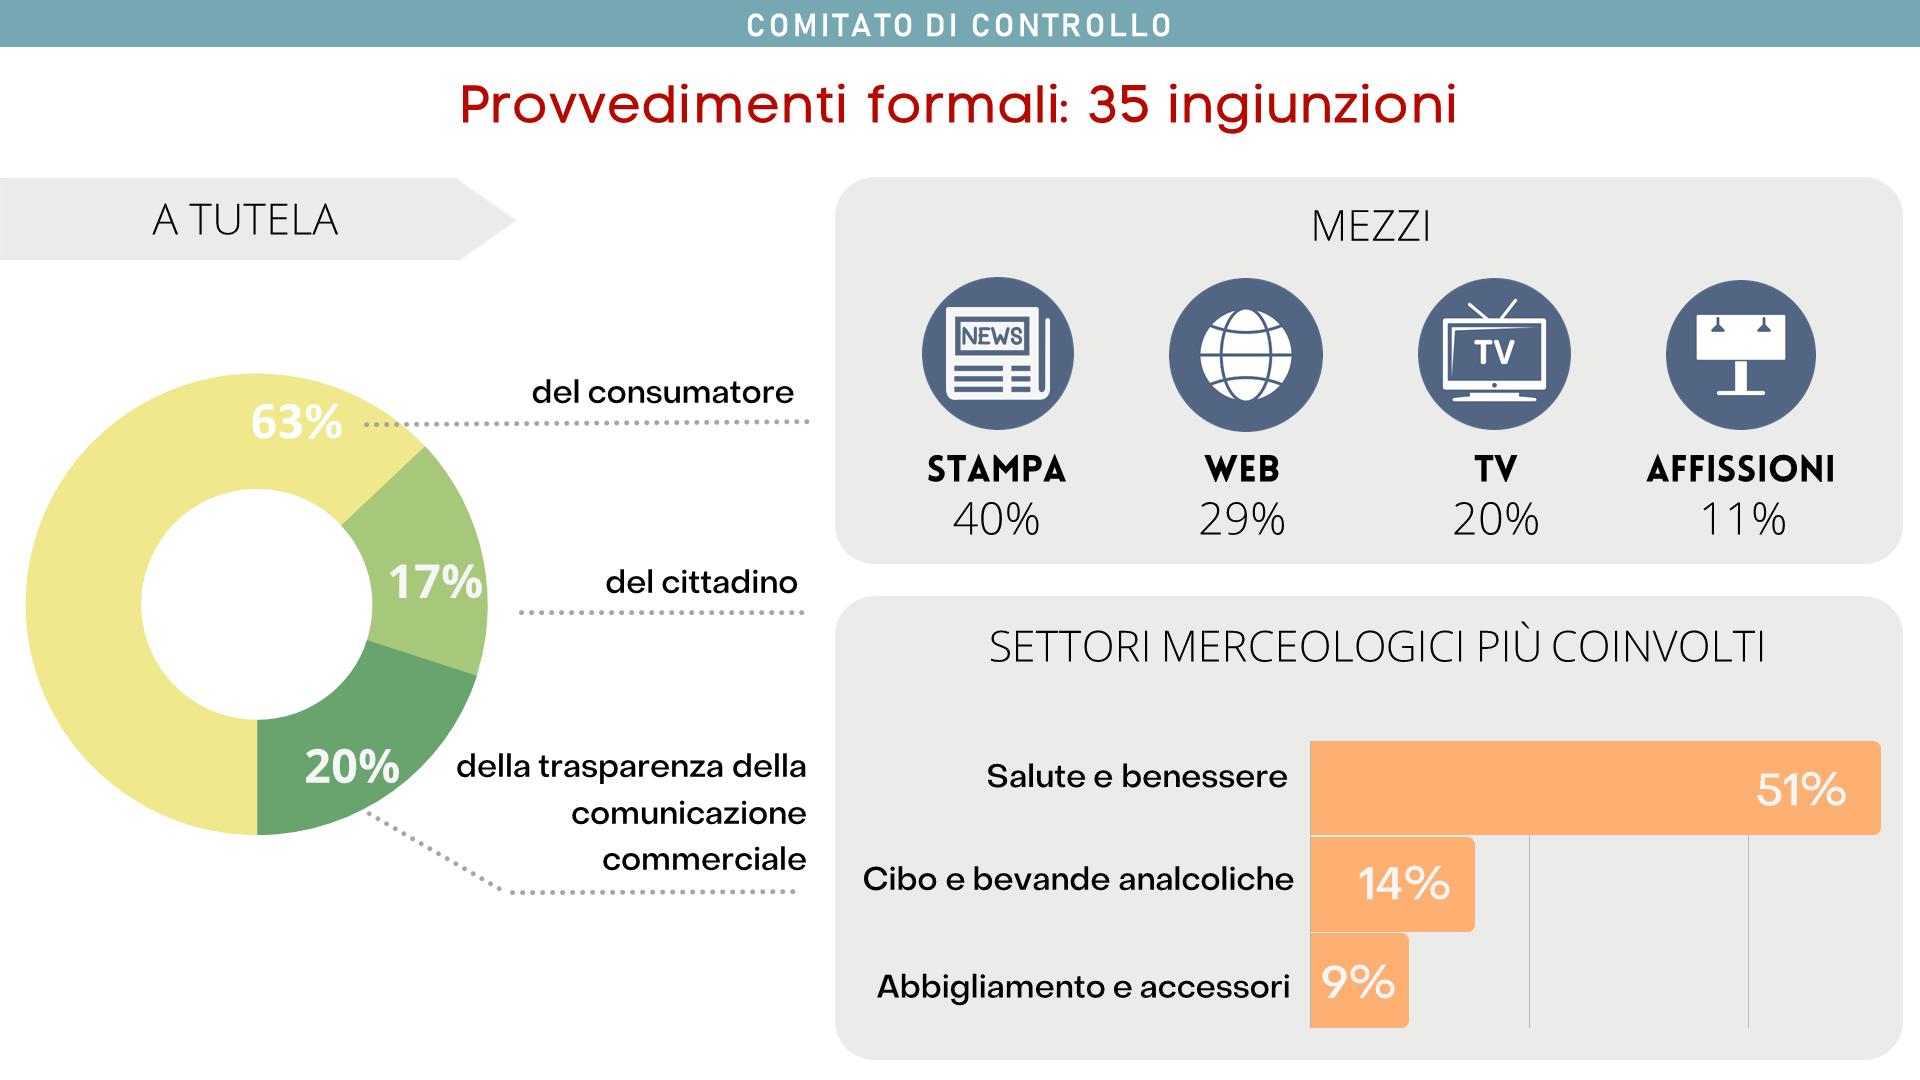 Il Comitato ha emesso 35 ingiunzioni di desistenza, relative all'area di tutela del consumatore (63%), del cittadino (17%) e della trasparenza nella comunicazione commerciale (20%).